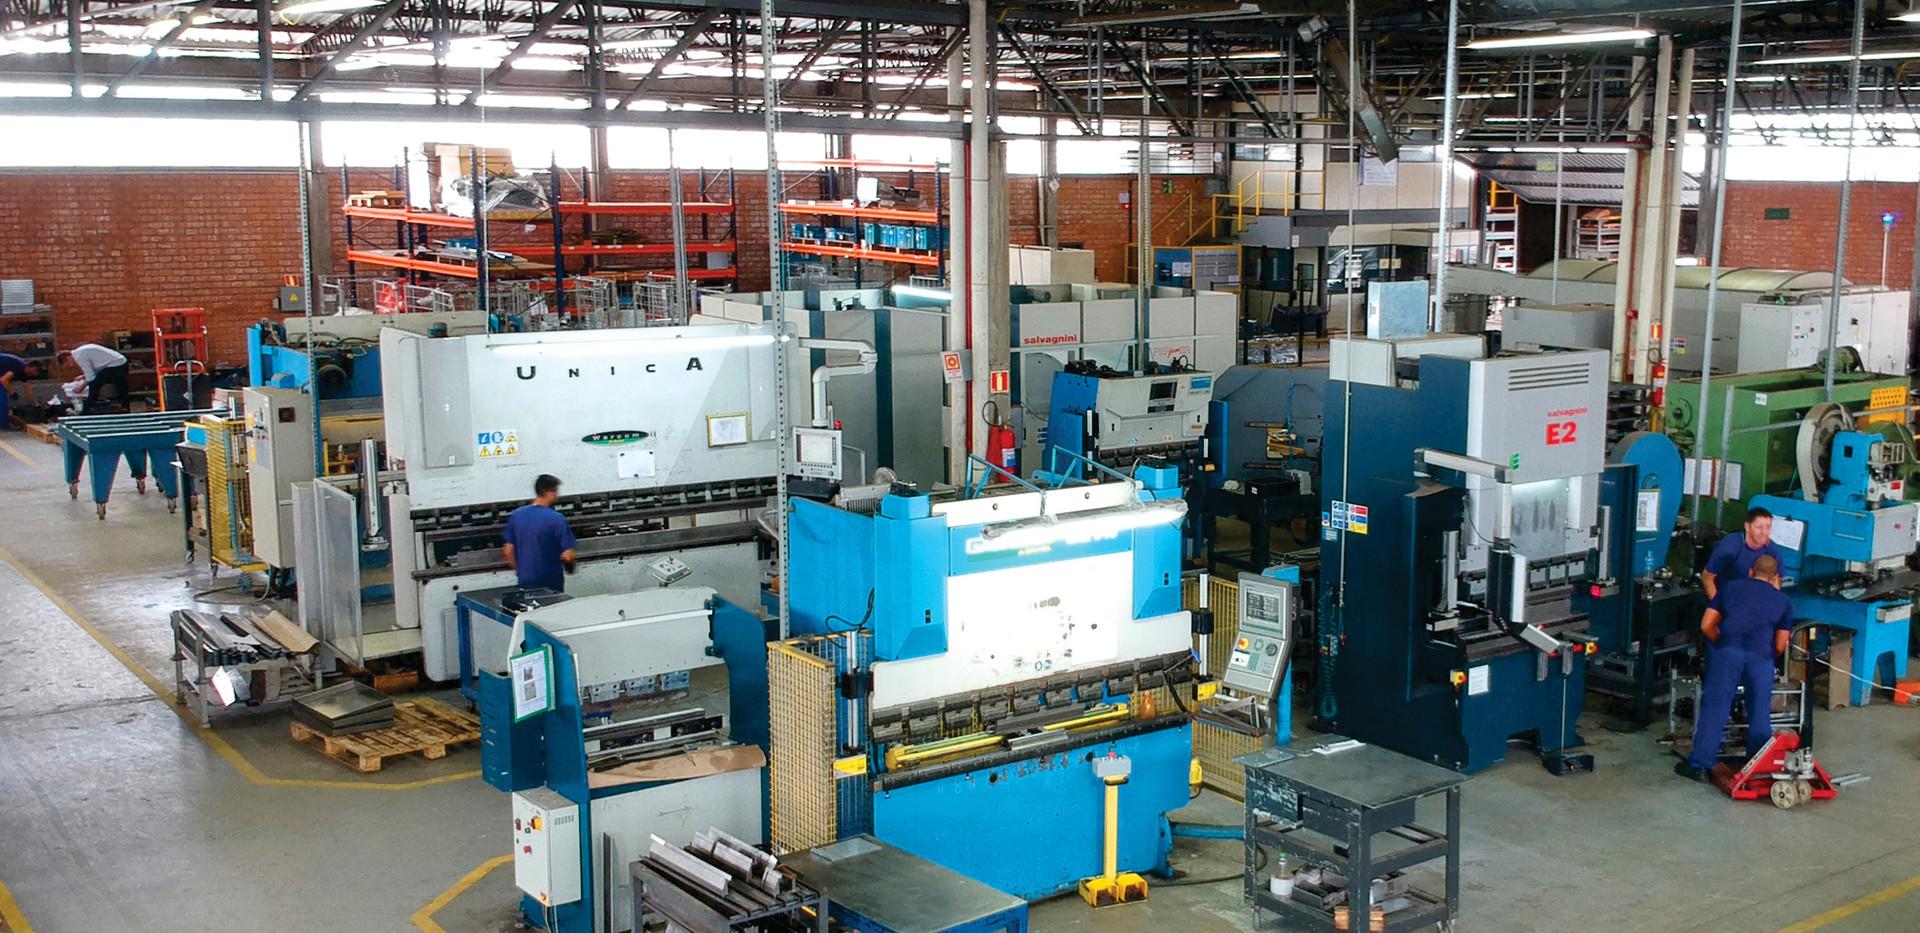 LA Indústria.jpg